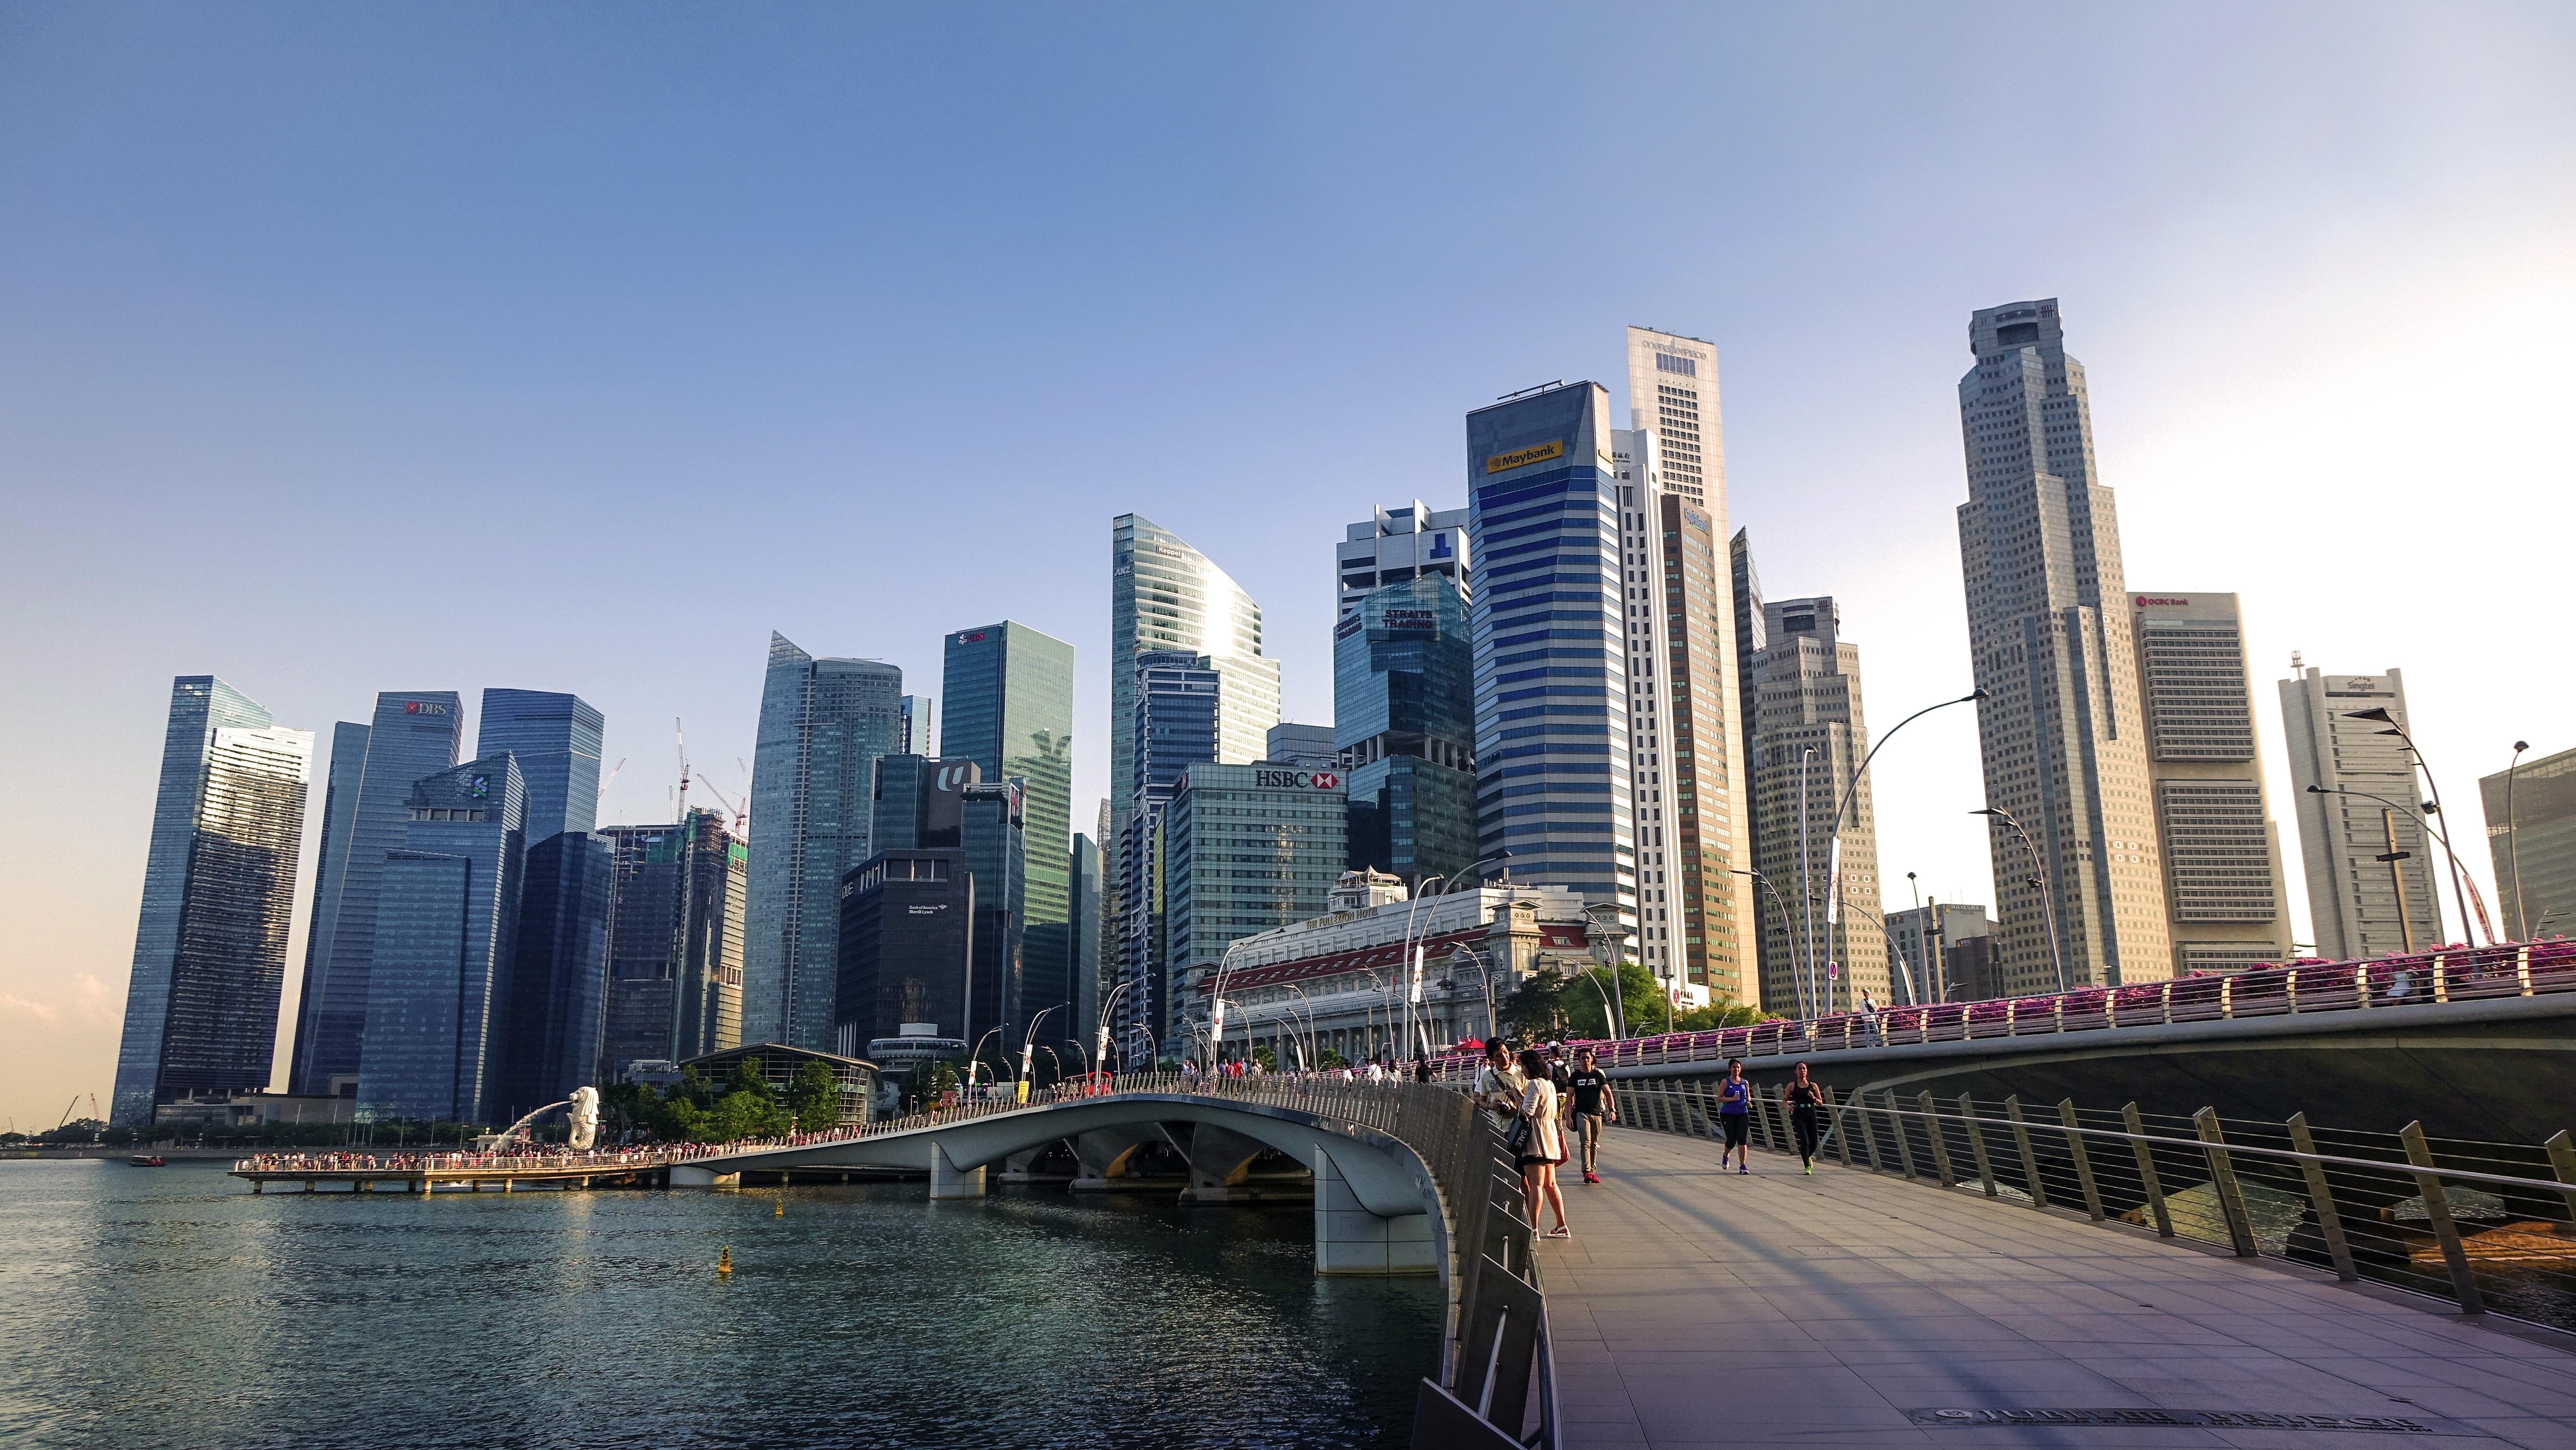 singapore town metropolis - photo #10